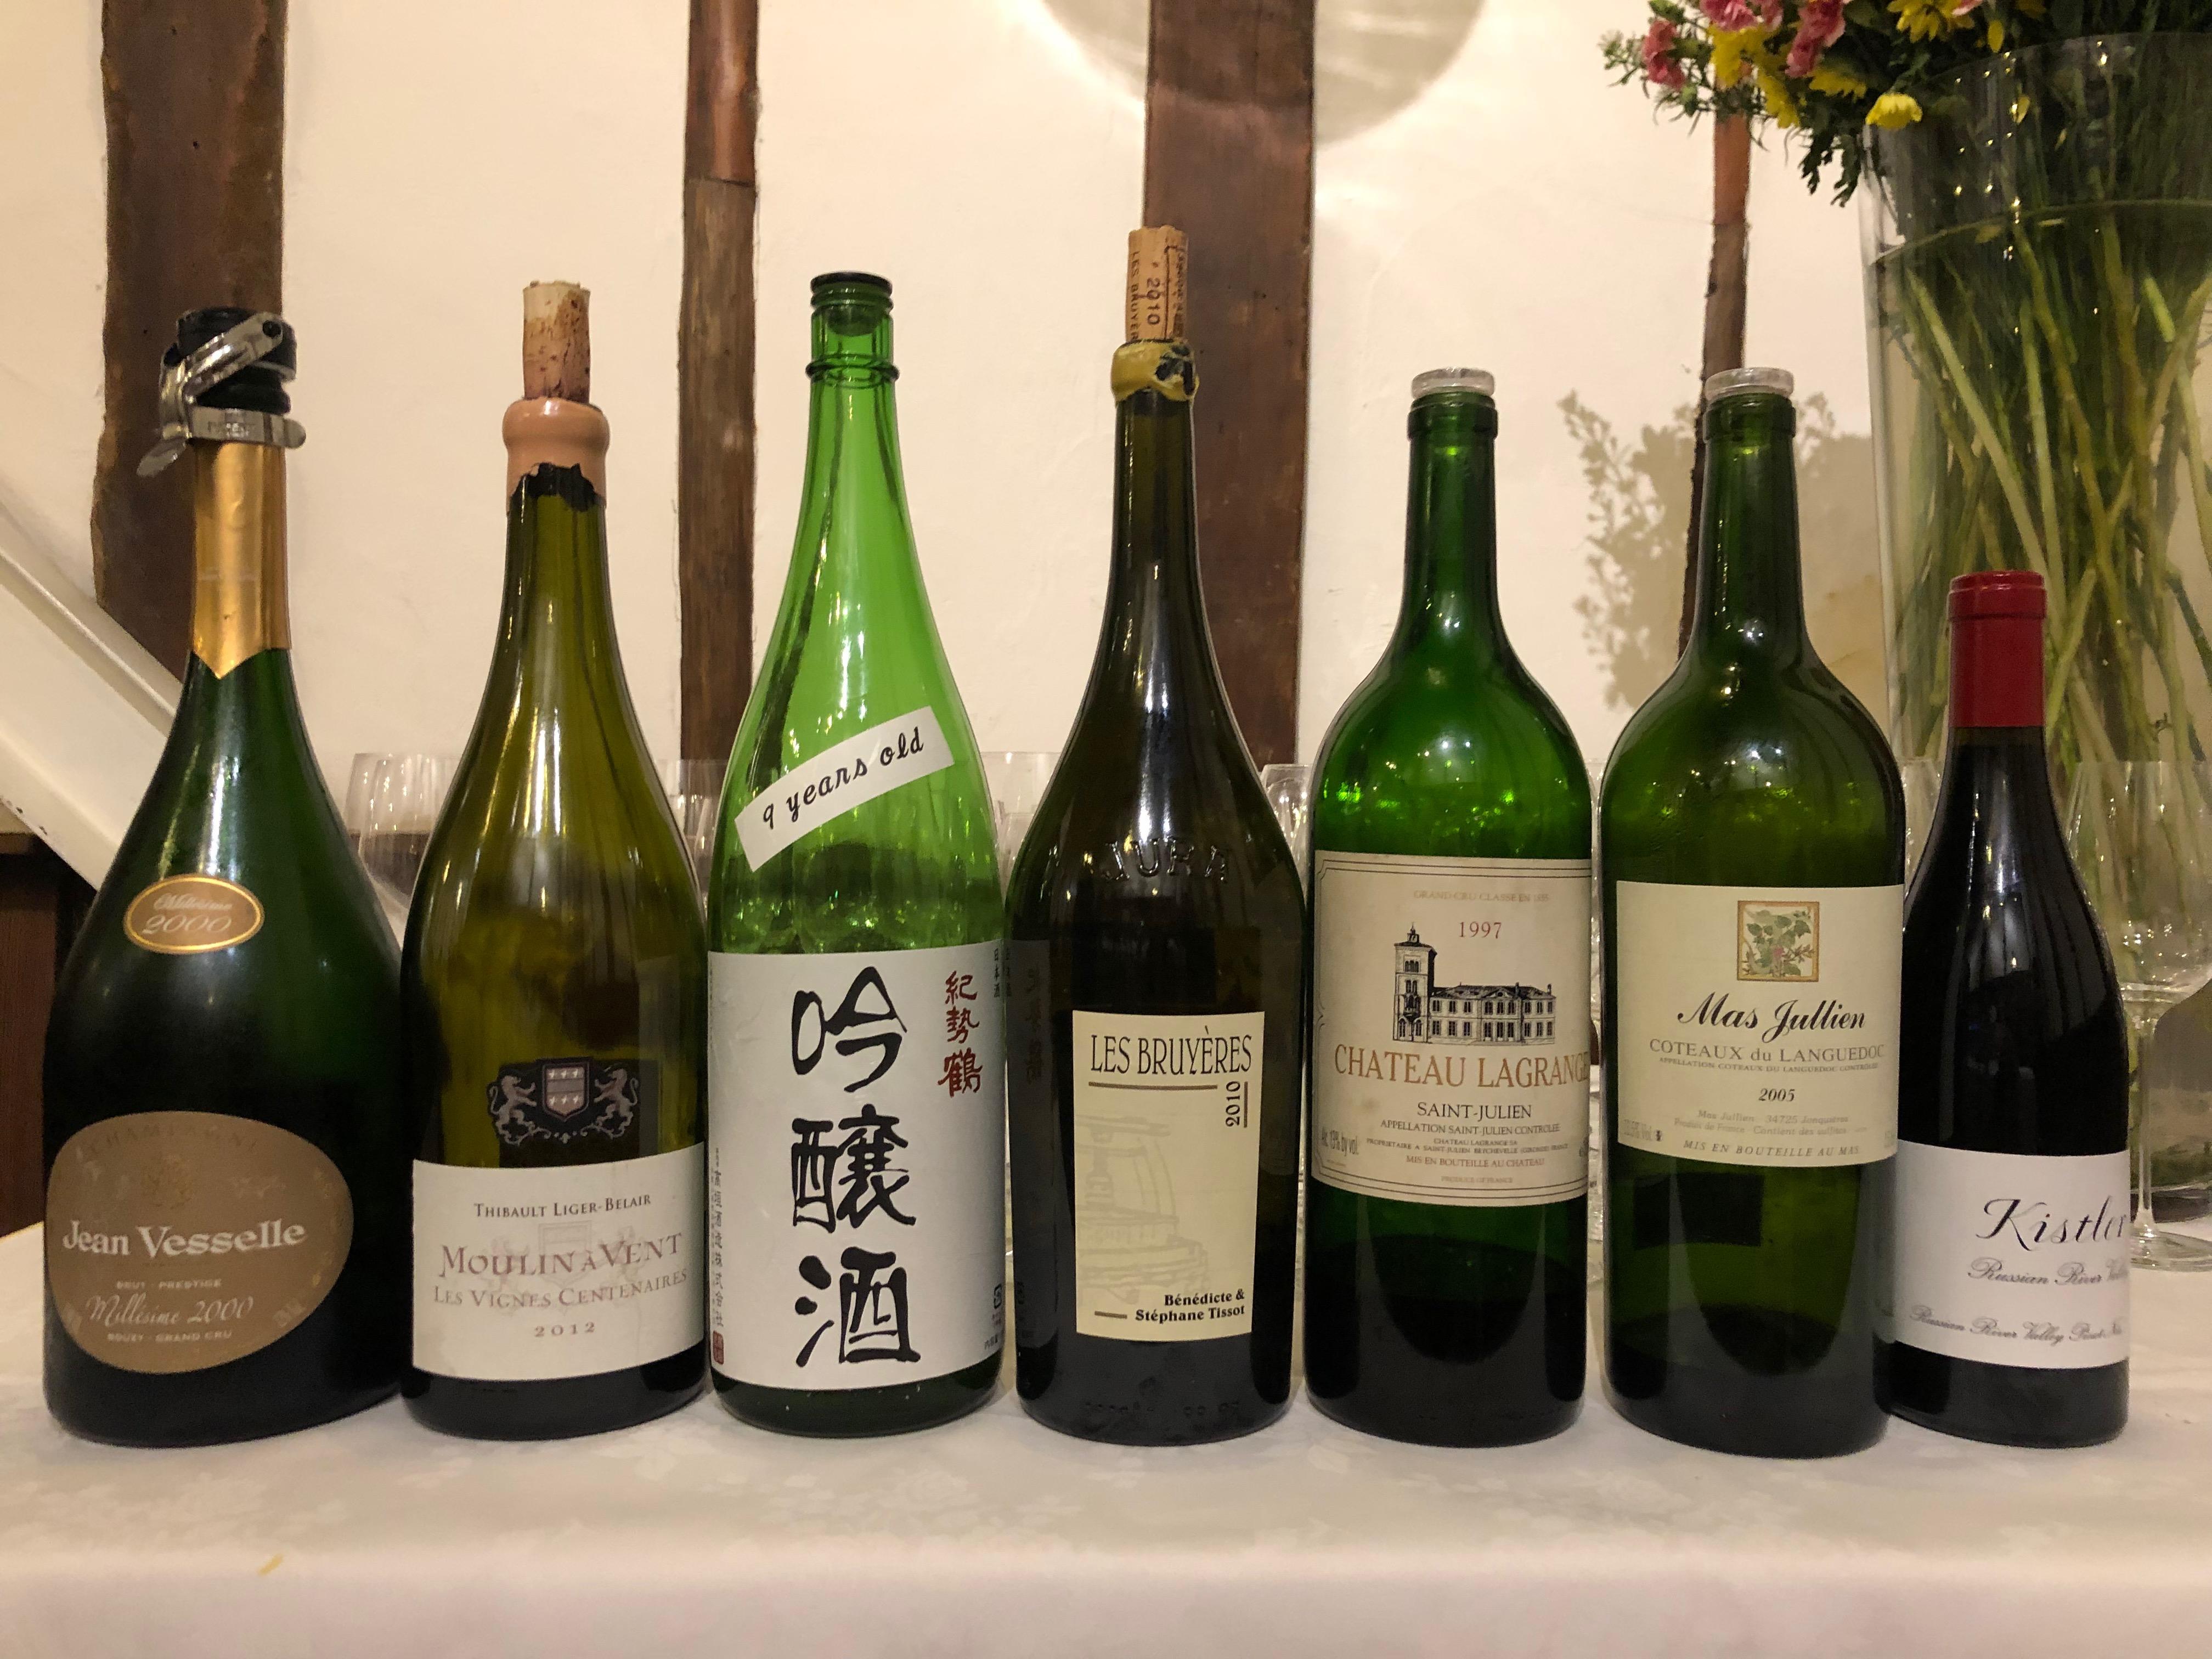 極上!京都「京中」の熟成肉と、ワイン&日本酒のマリアージュを楽しむ夕べ@四間道レストラン マツウラ